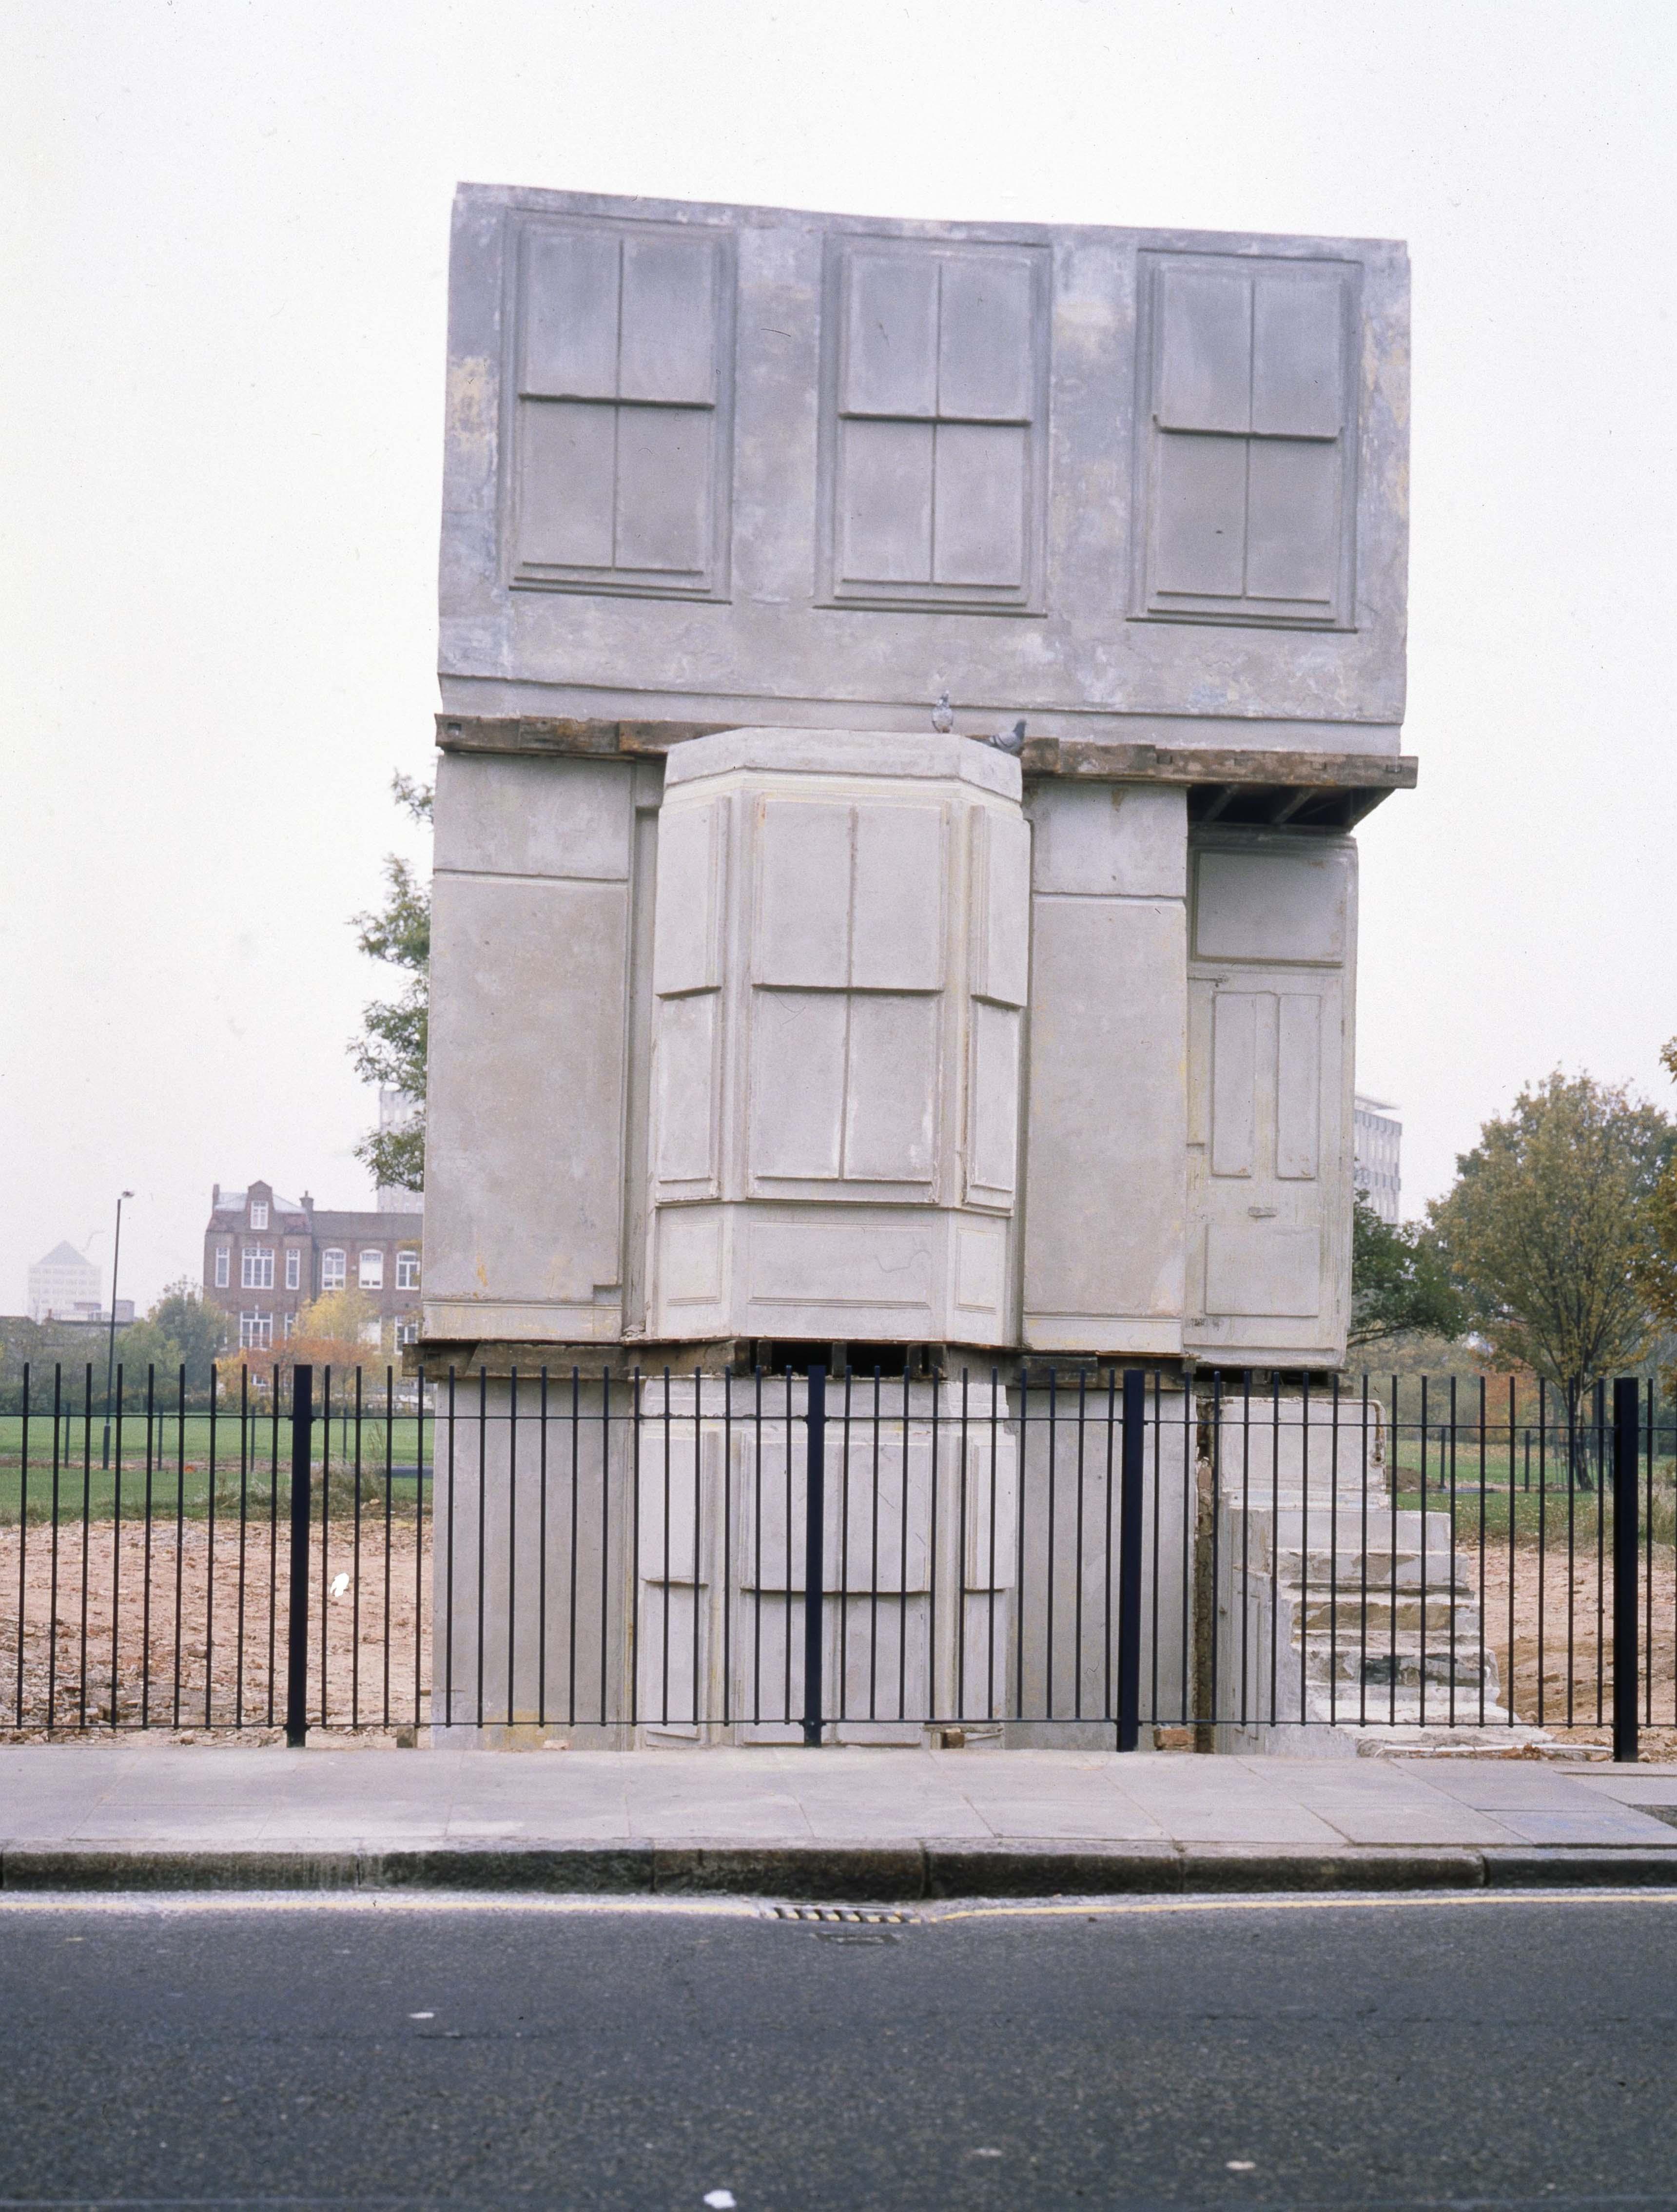 House, 1993, Rachel Whiteread